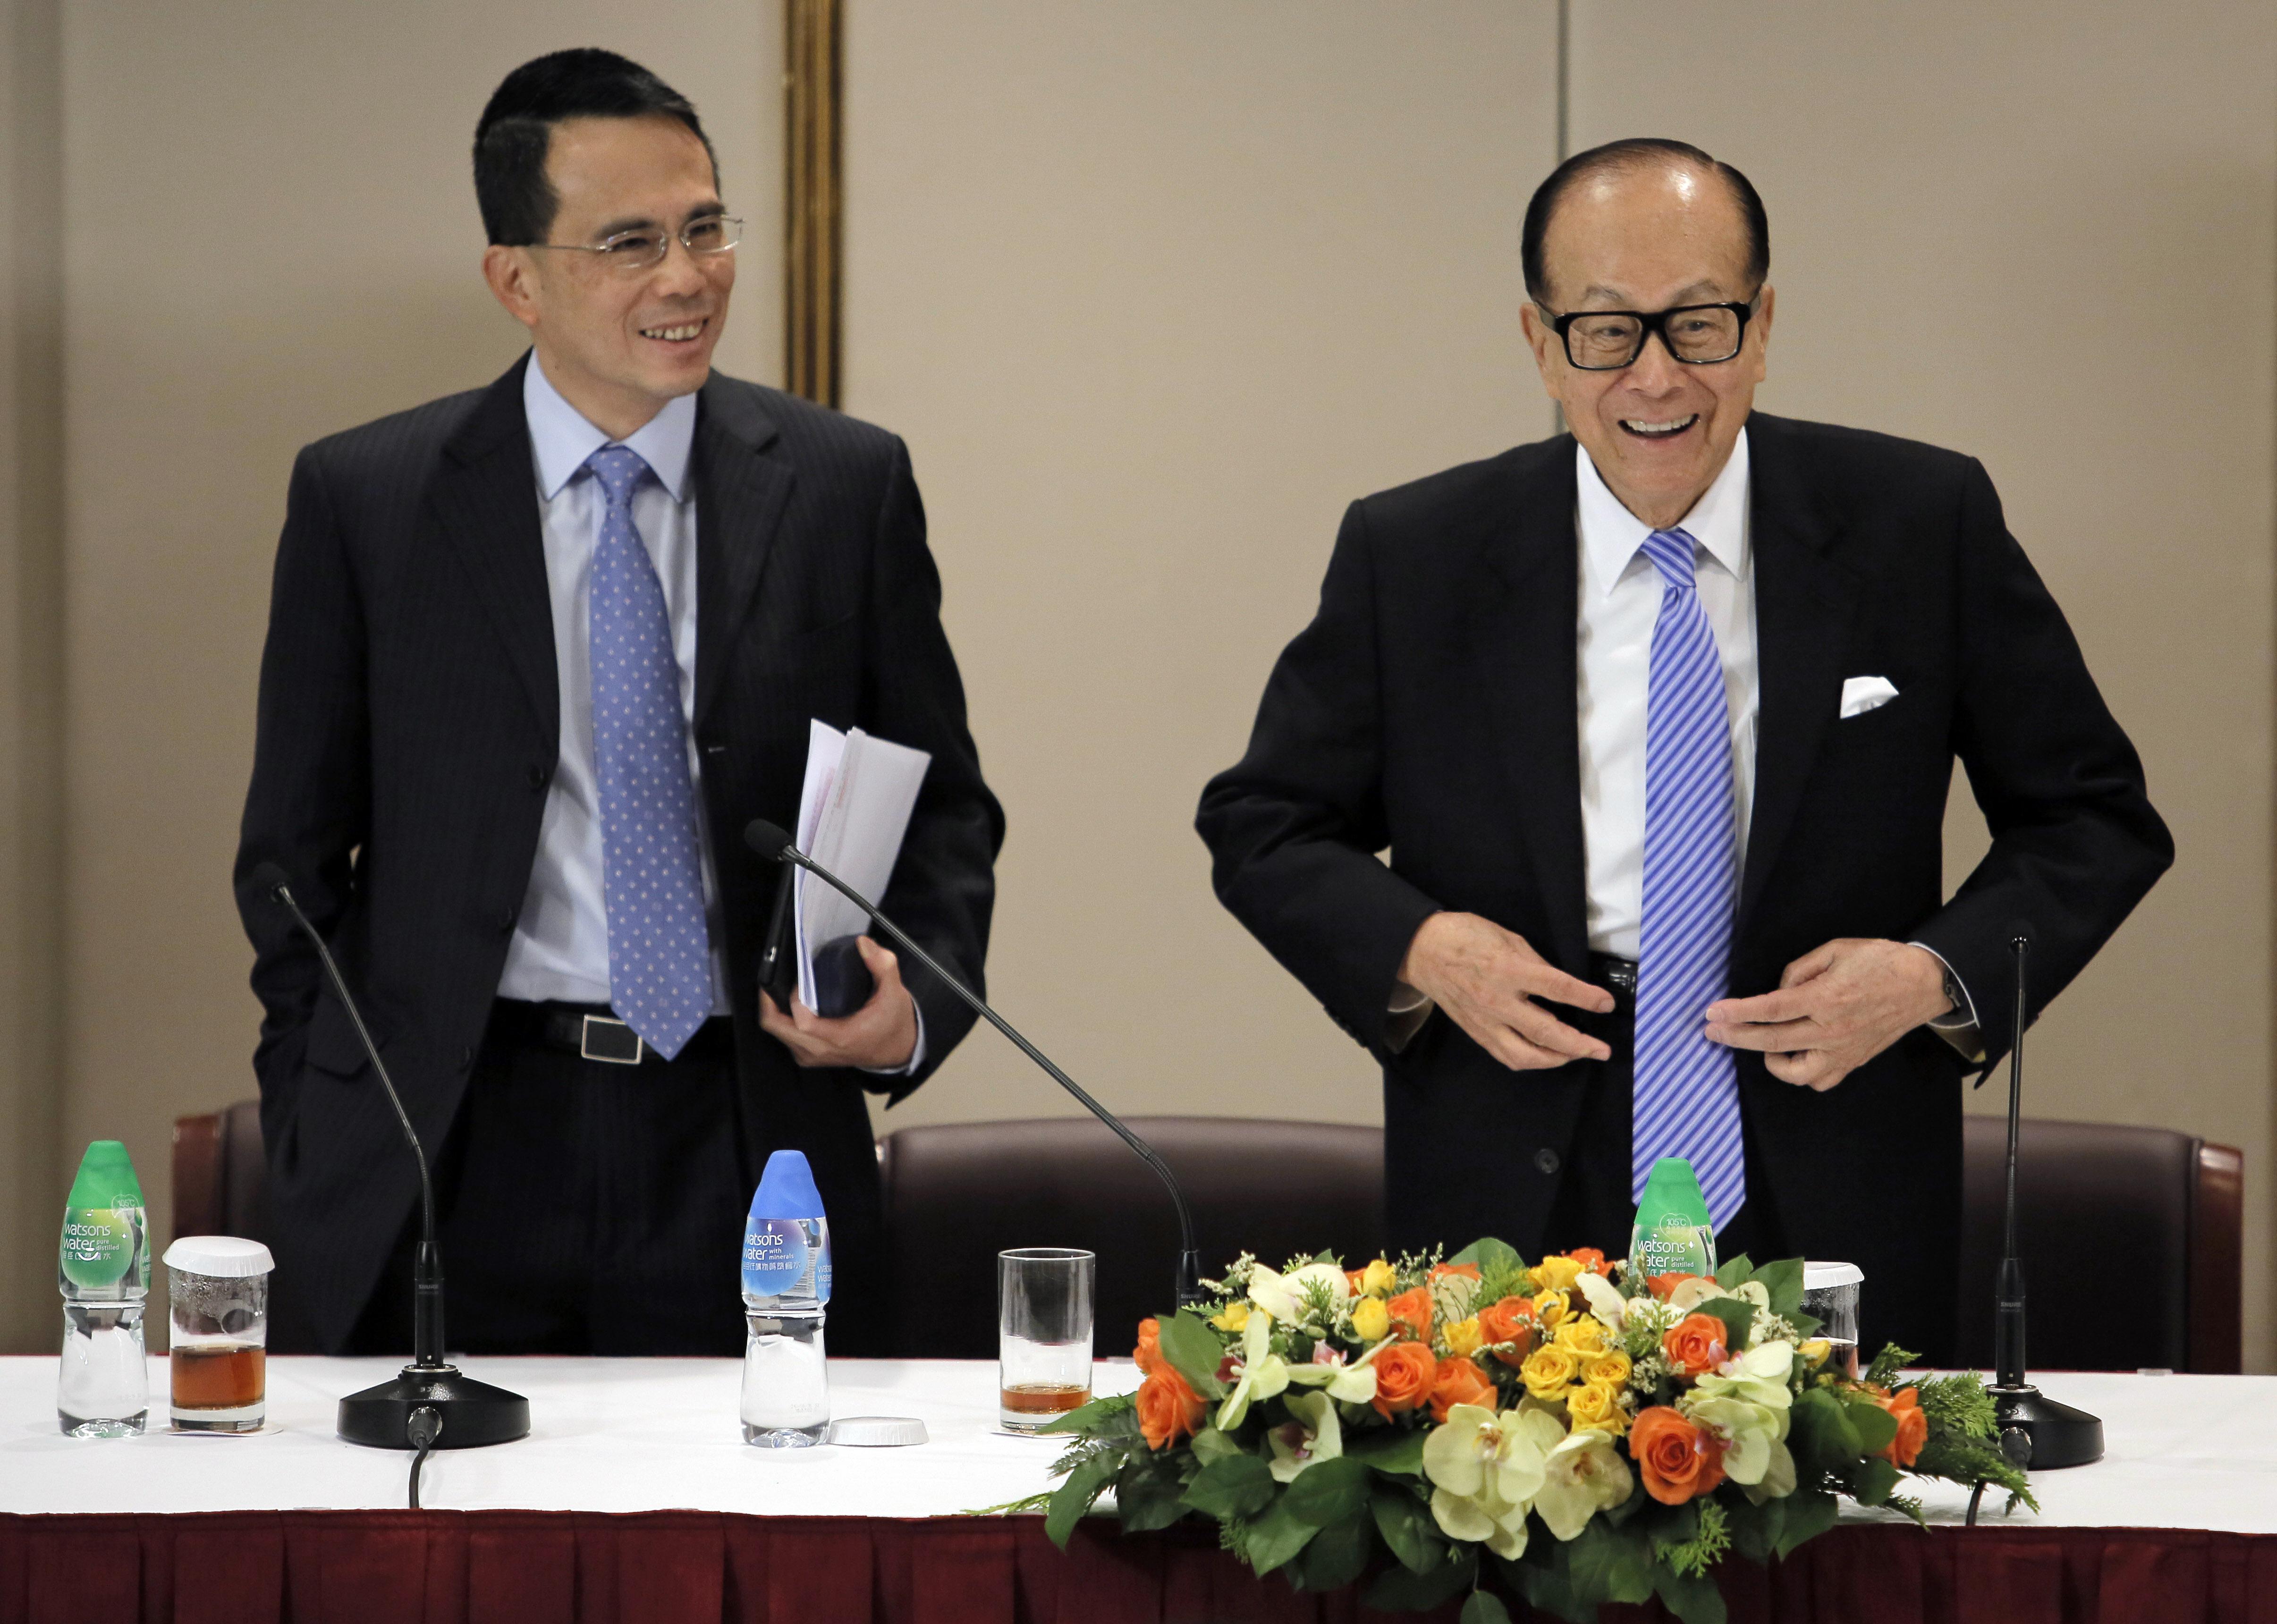 Hong Kong tycoon Li Ka-shing, right, and his son Victor Li, react during a press conference in Hong Kong Friday, Jan. 9, 2015.